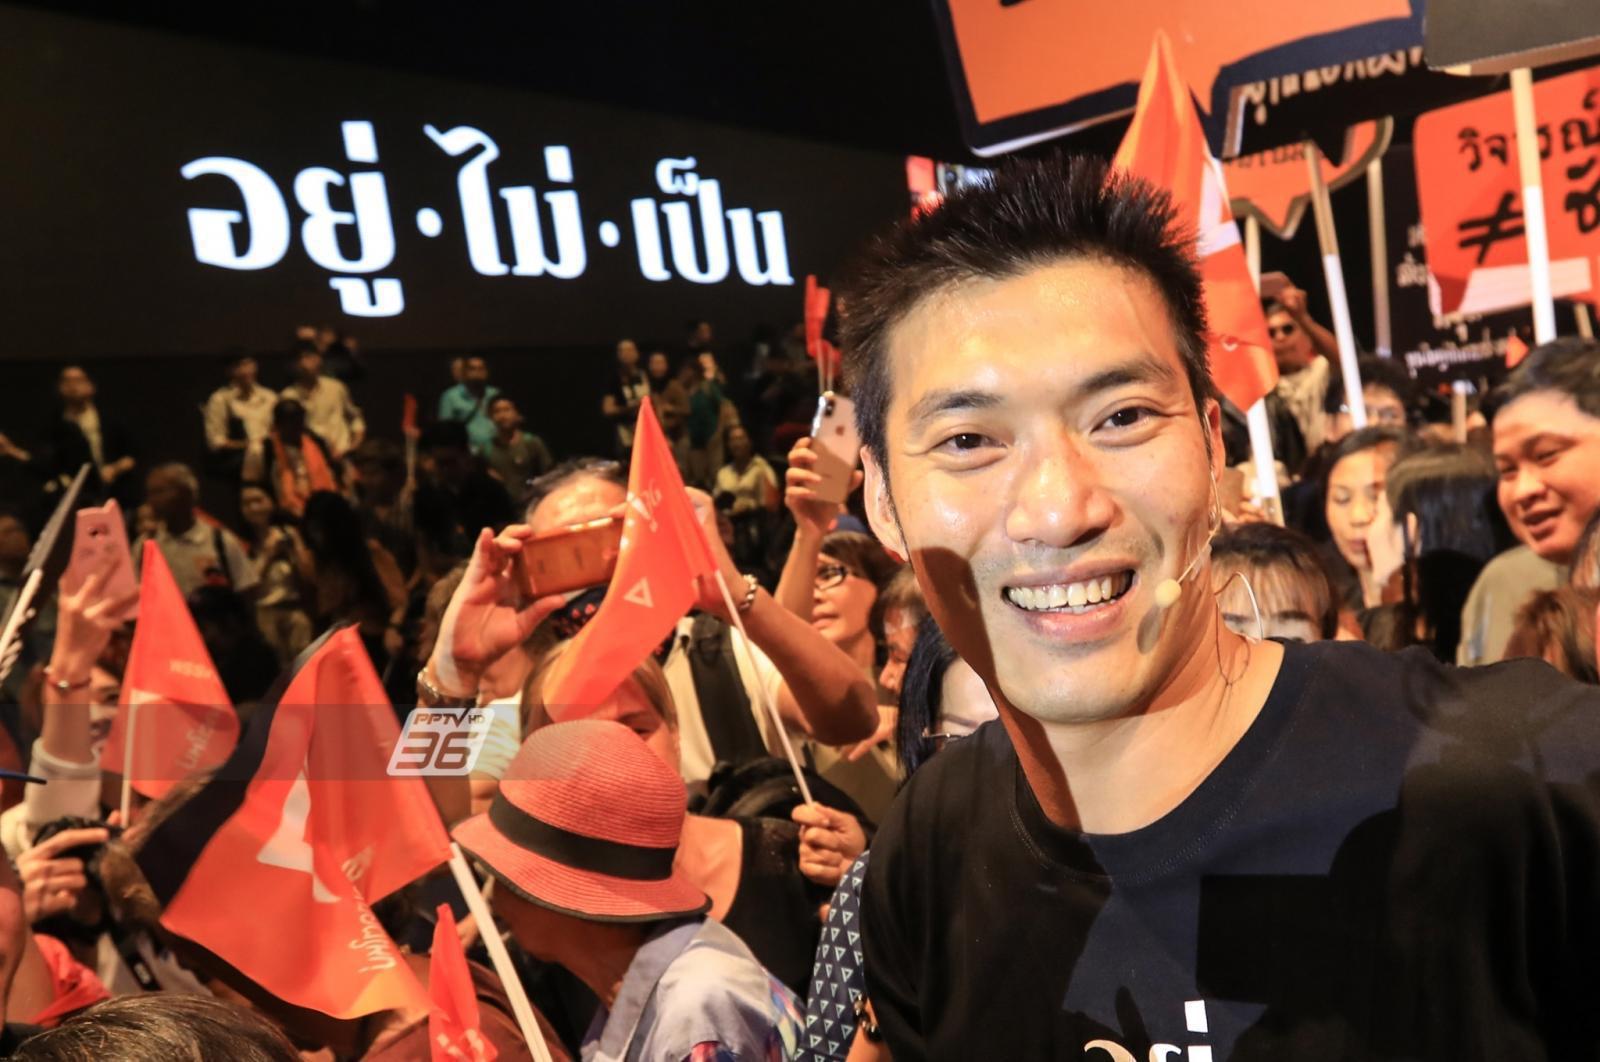 """36ข่าวแห่งปี : เส้นทางโรยด้วยตะปู บนถนนสายการเมือง """"อนาคตใหม่"""" ศาลรัฐธรรมนูญยุบพรรค ชนวนการเมืองร้อน"""